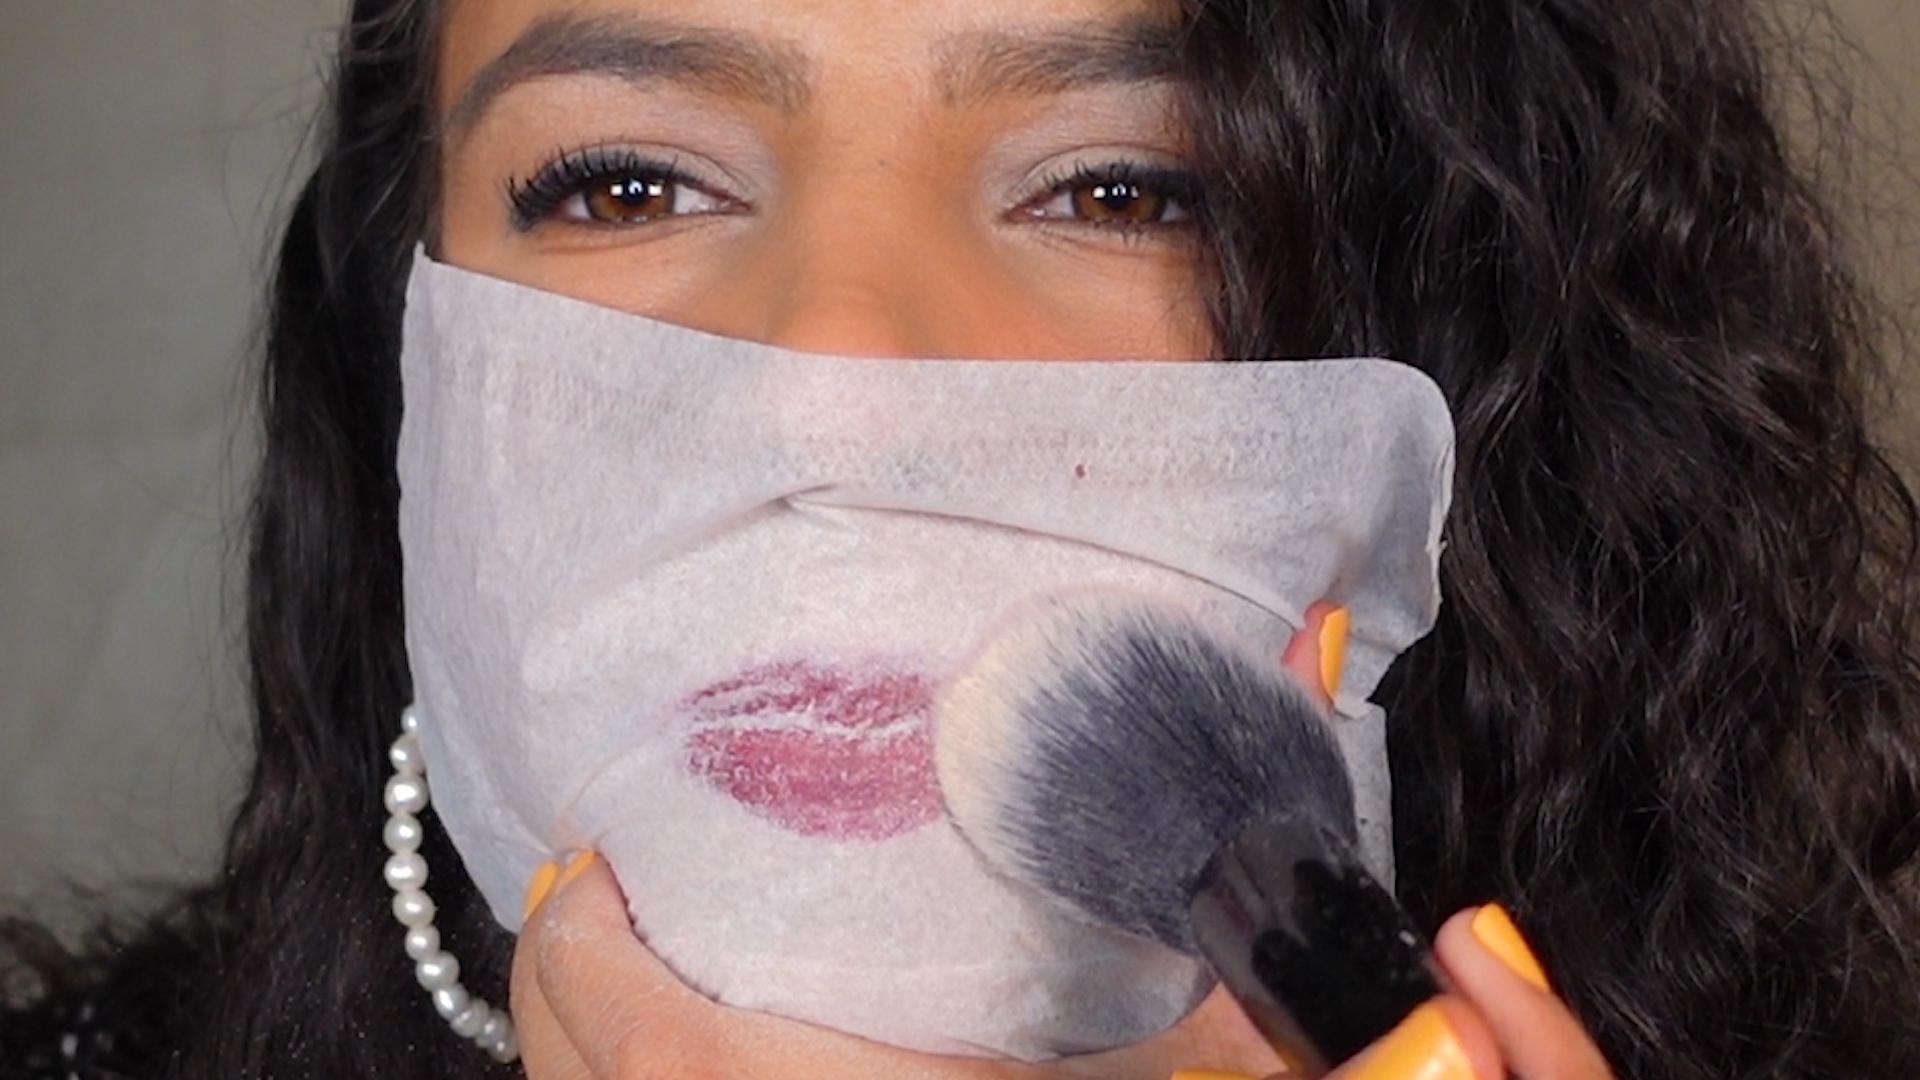 xu hướng makeup tiktok thịnh hành